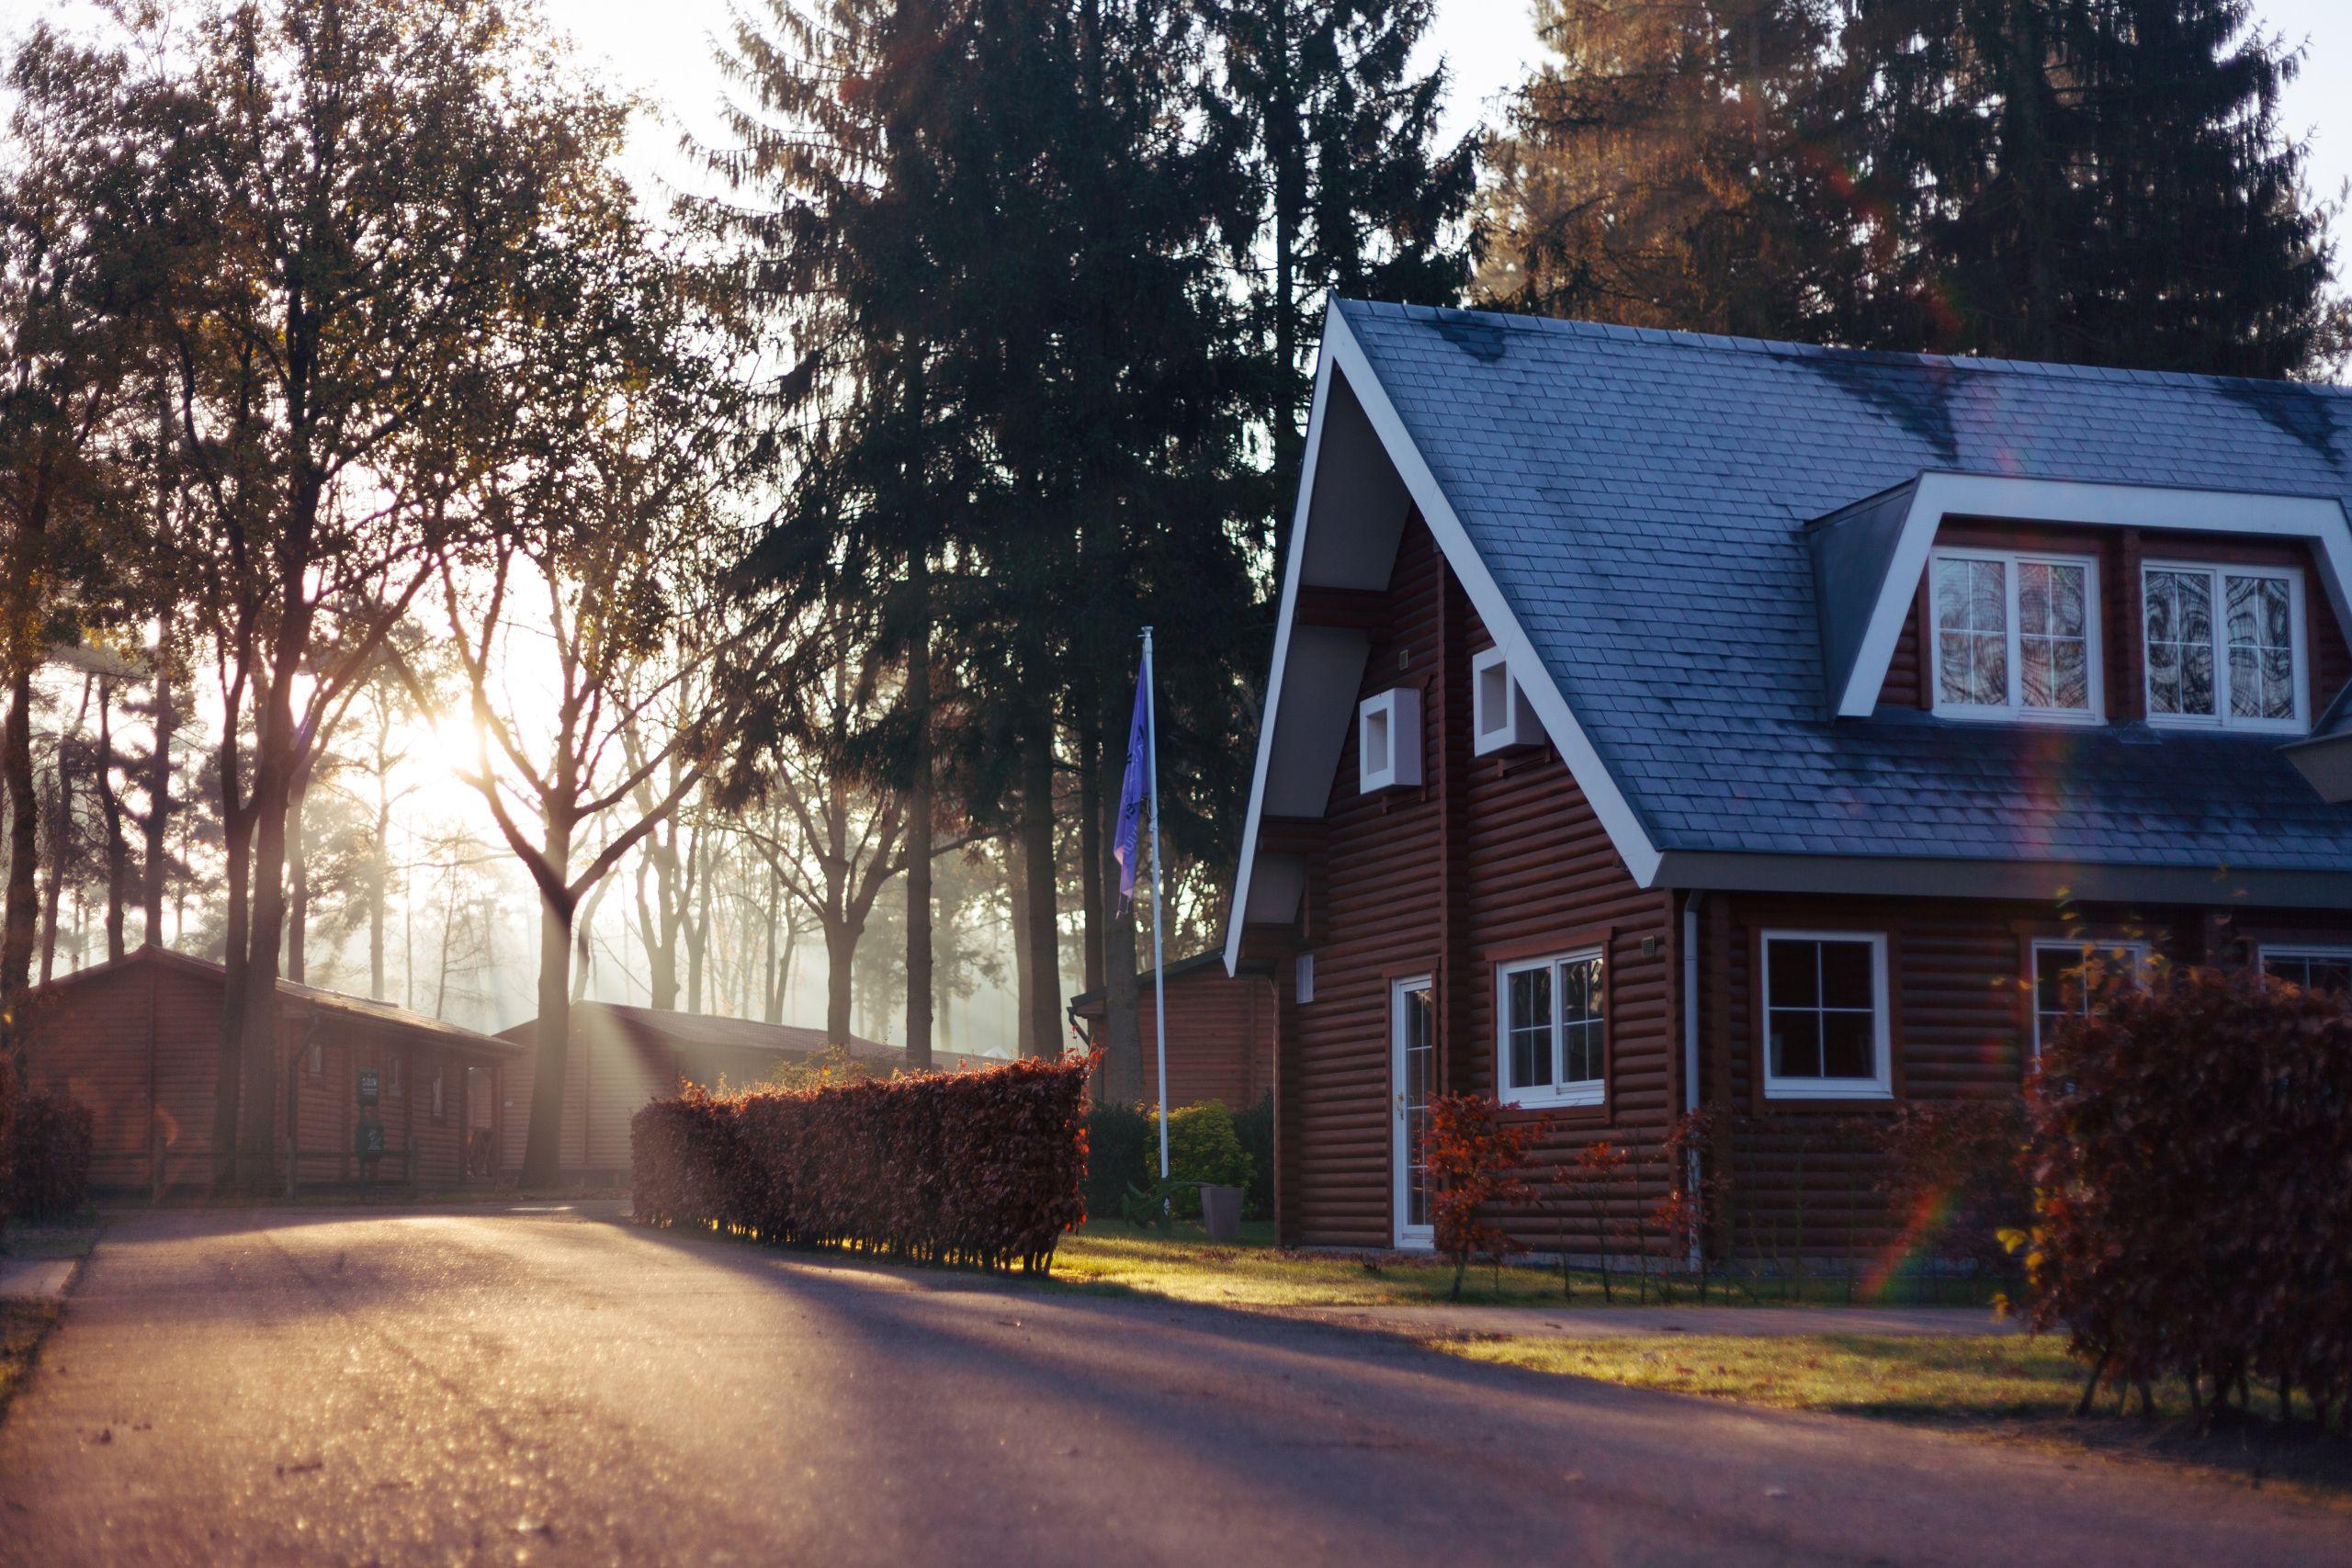 Sådan sparer du penge på dit nye hus